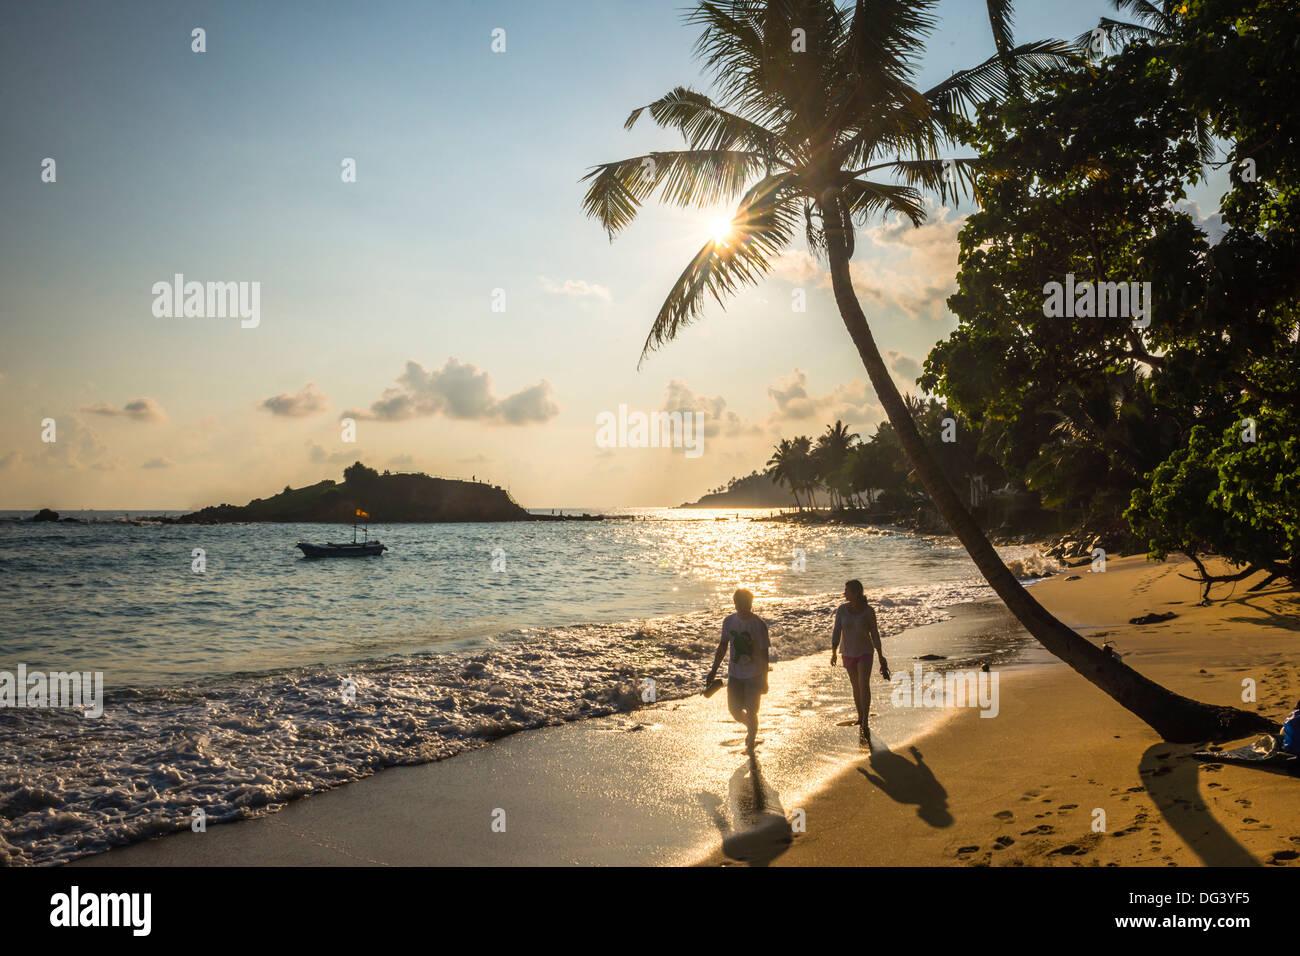 Mirissa Beach, giovane prendendo una romantica passeggiata sotto una palma al tramonto, South Coast, Sri Lanka, Asia Immagini Stock